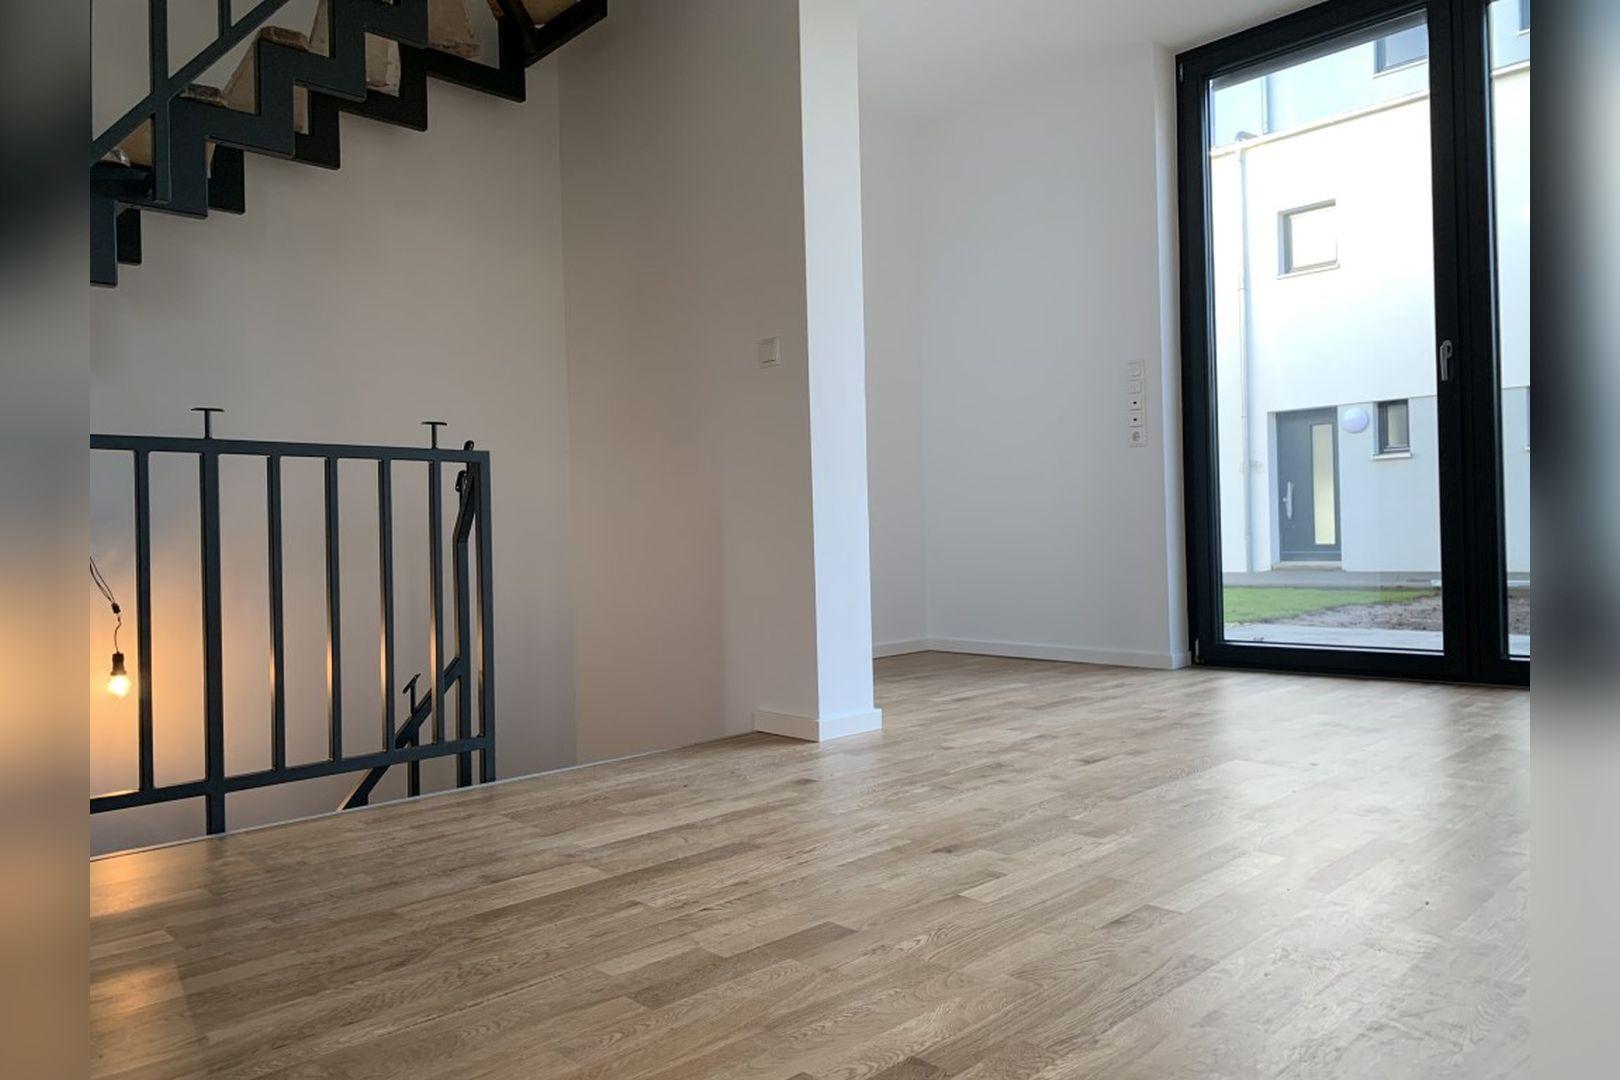 Immobilie Nr.0224 - Reihenendhaus mit kl. Garten u. 2 TG-Plätzen - Bild 14.jpg